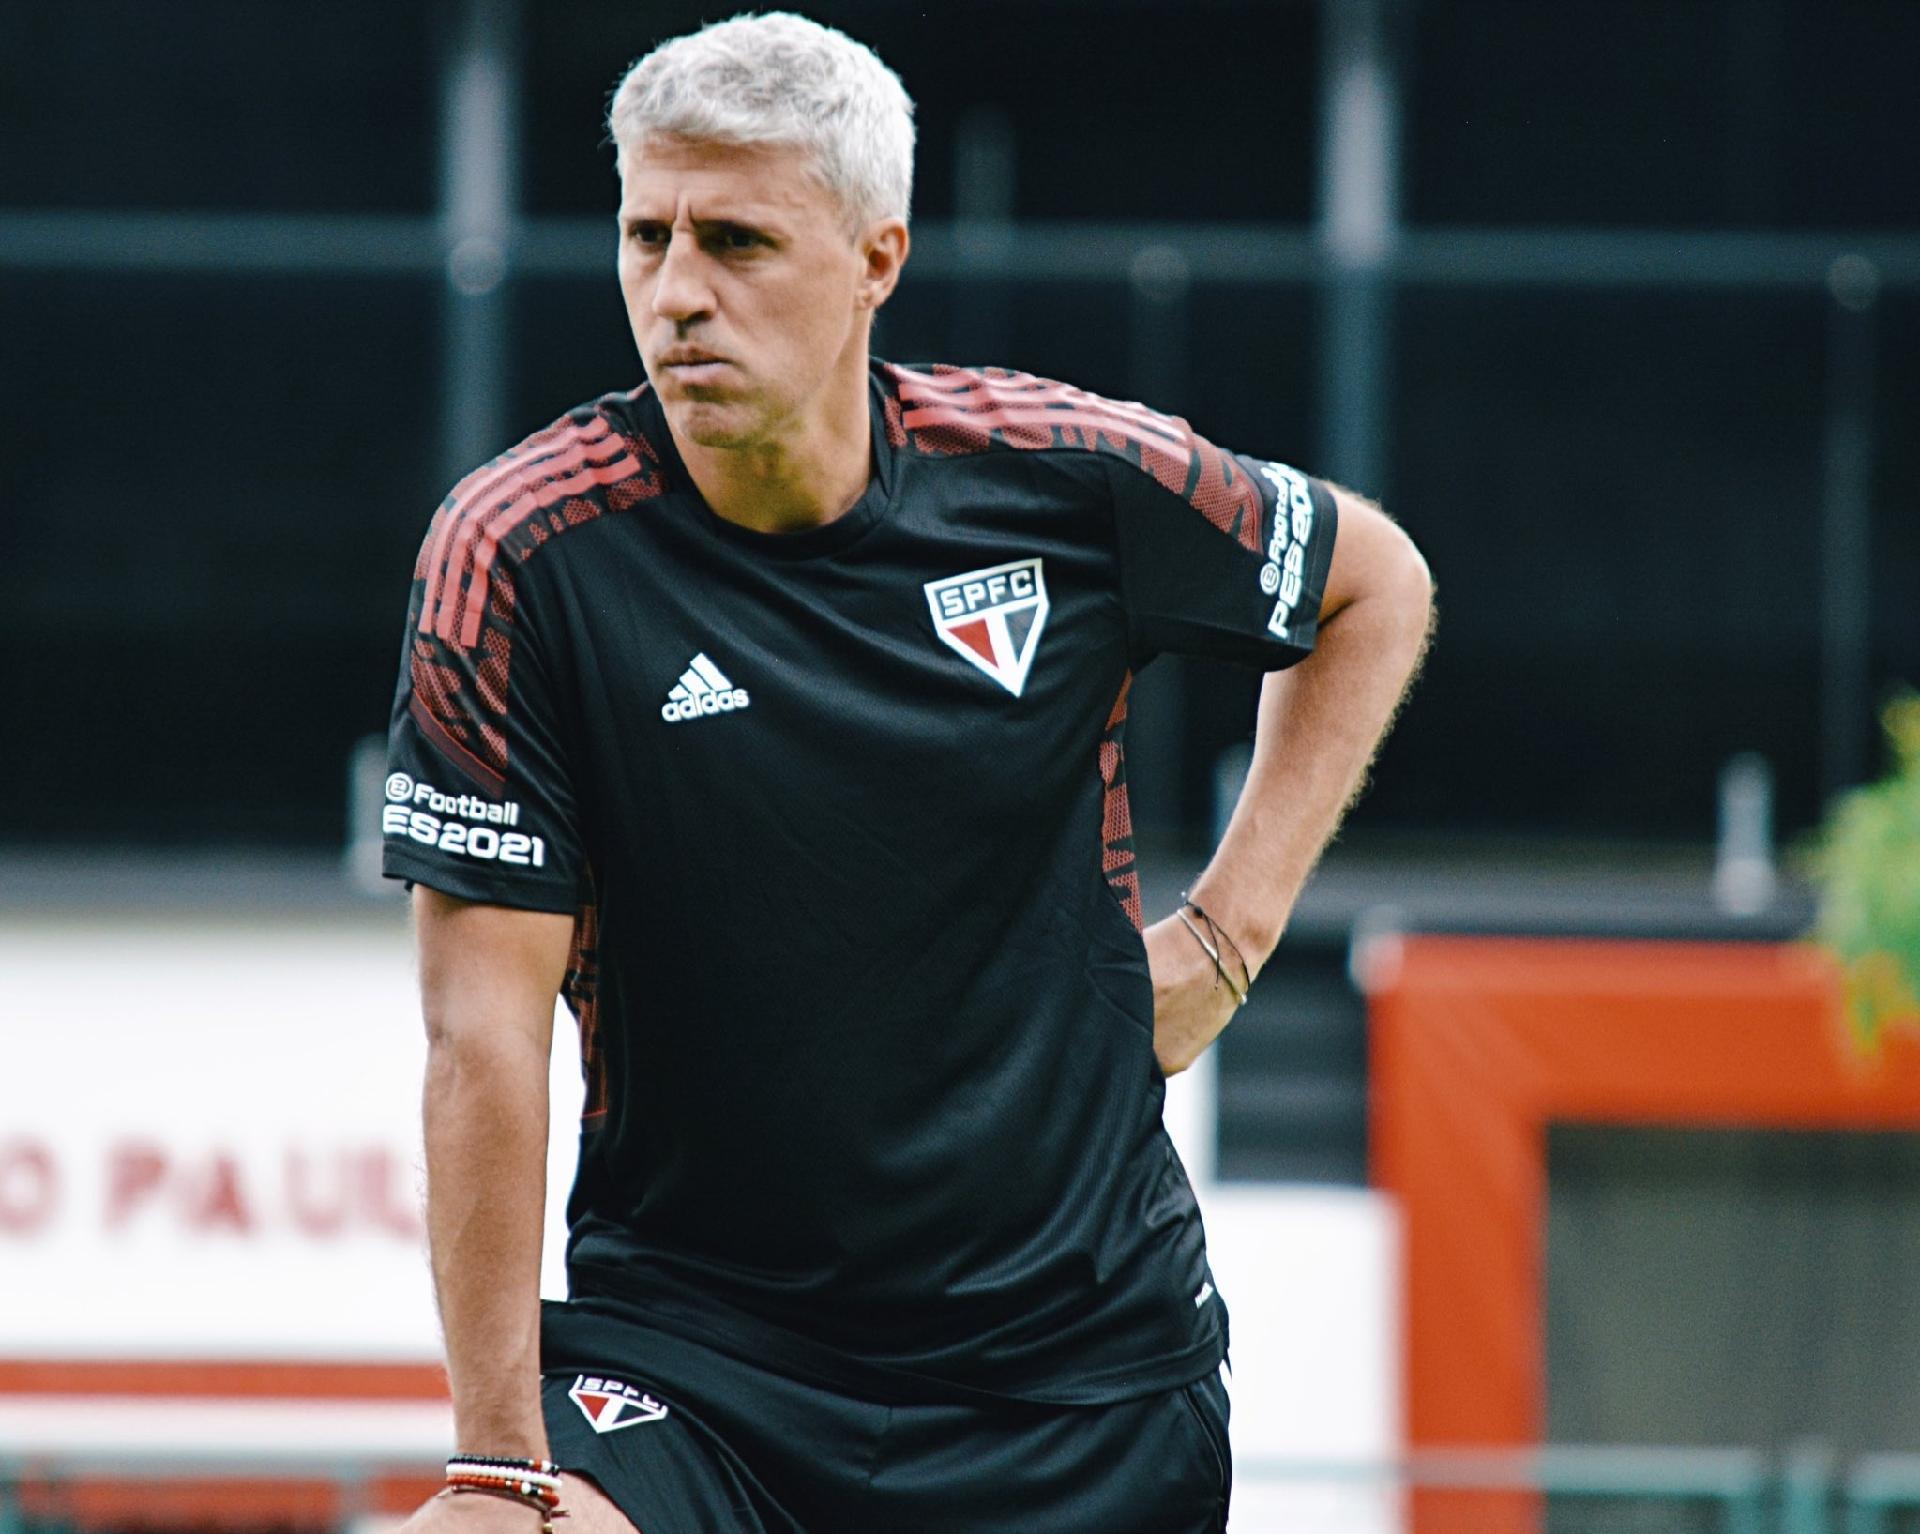 Crespo está a um jogo de igualar sequência no Brasileiro que derrubou Diniz